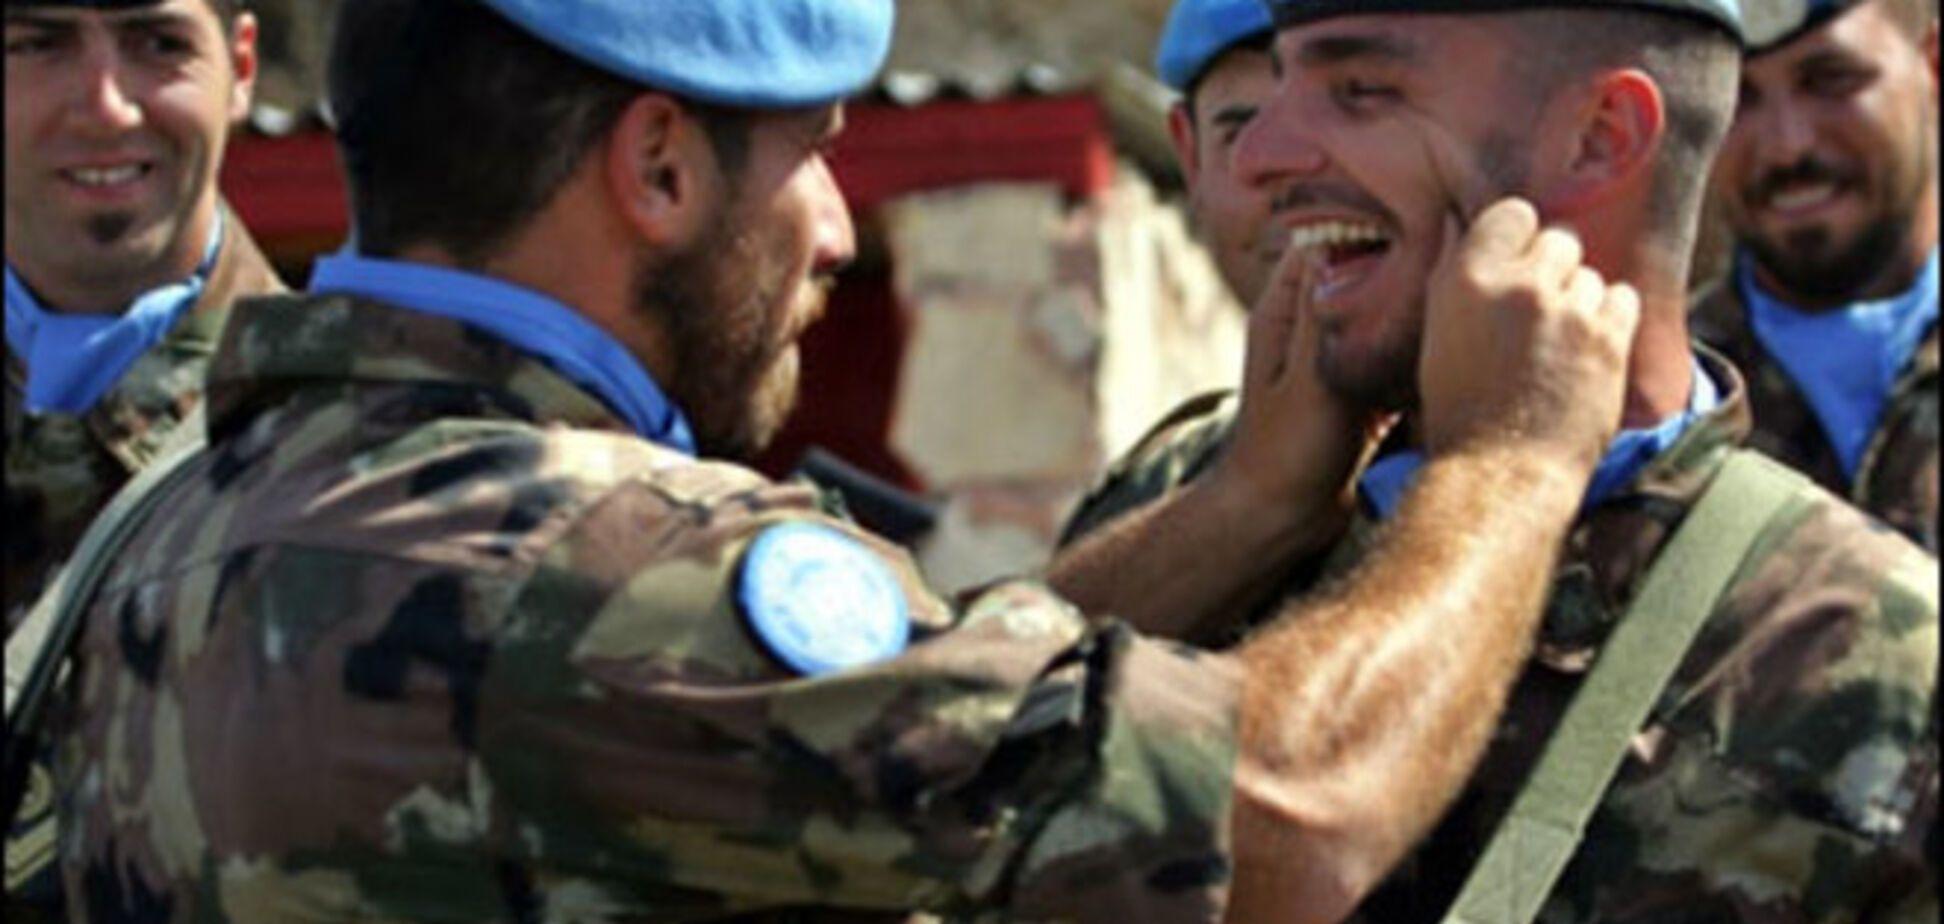 Миротворцы ООН пока не появятся на Донбассе - МИД